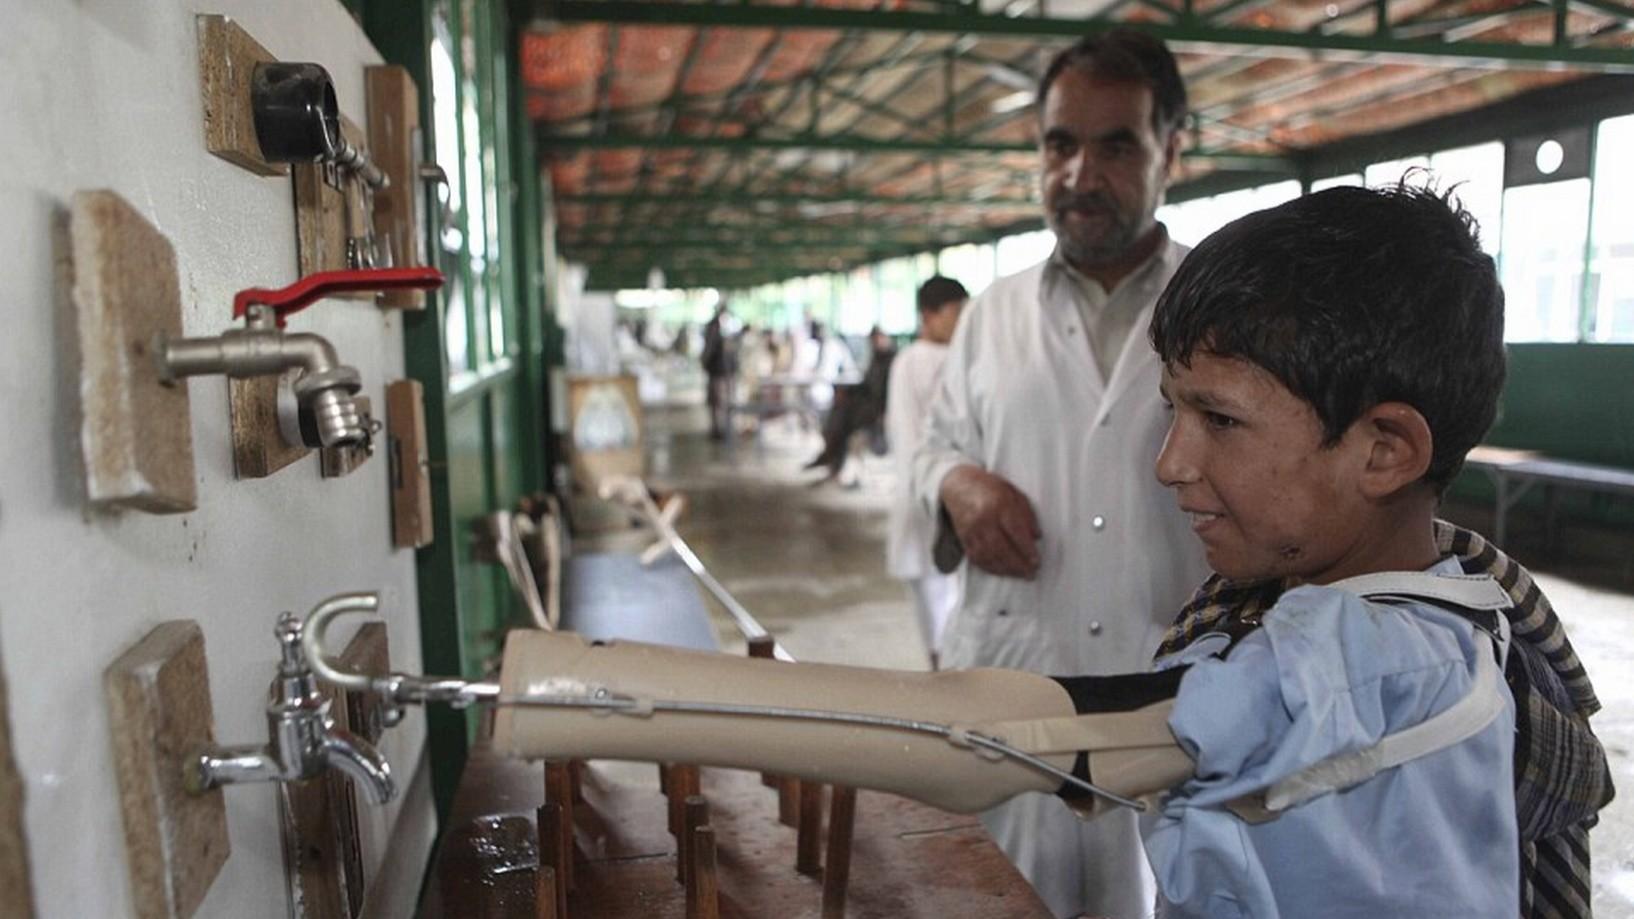 Des mines antipersonnel blessent ou tuent des dizaines d'enfants innocents chaque jour